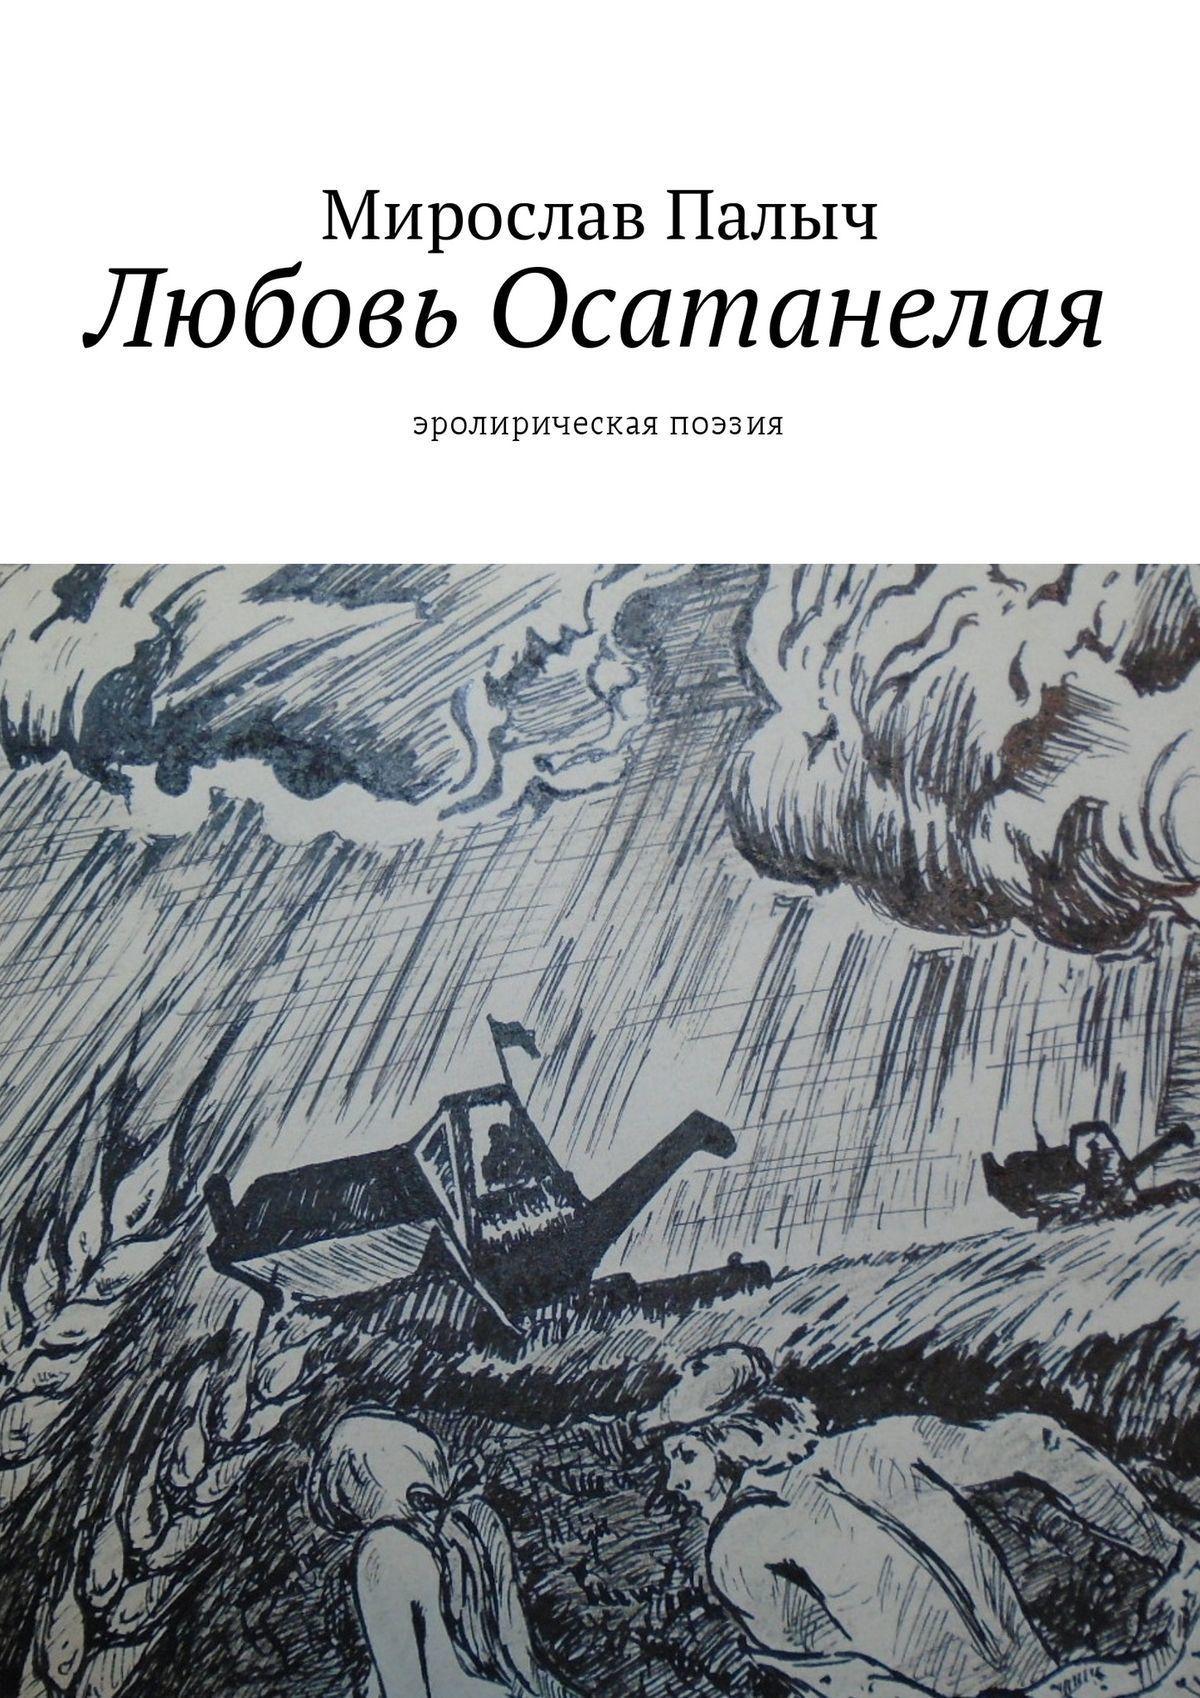 Мирослав Палыч Любовь осатанелая. Эролирическая поэзия не без греха